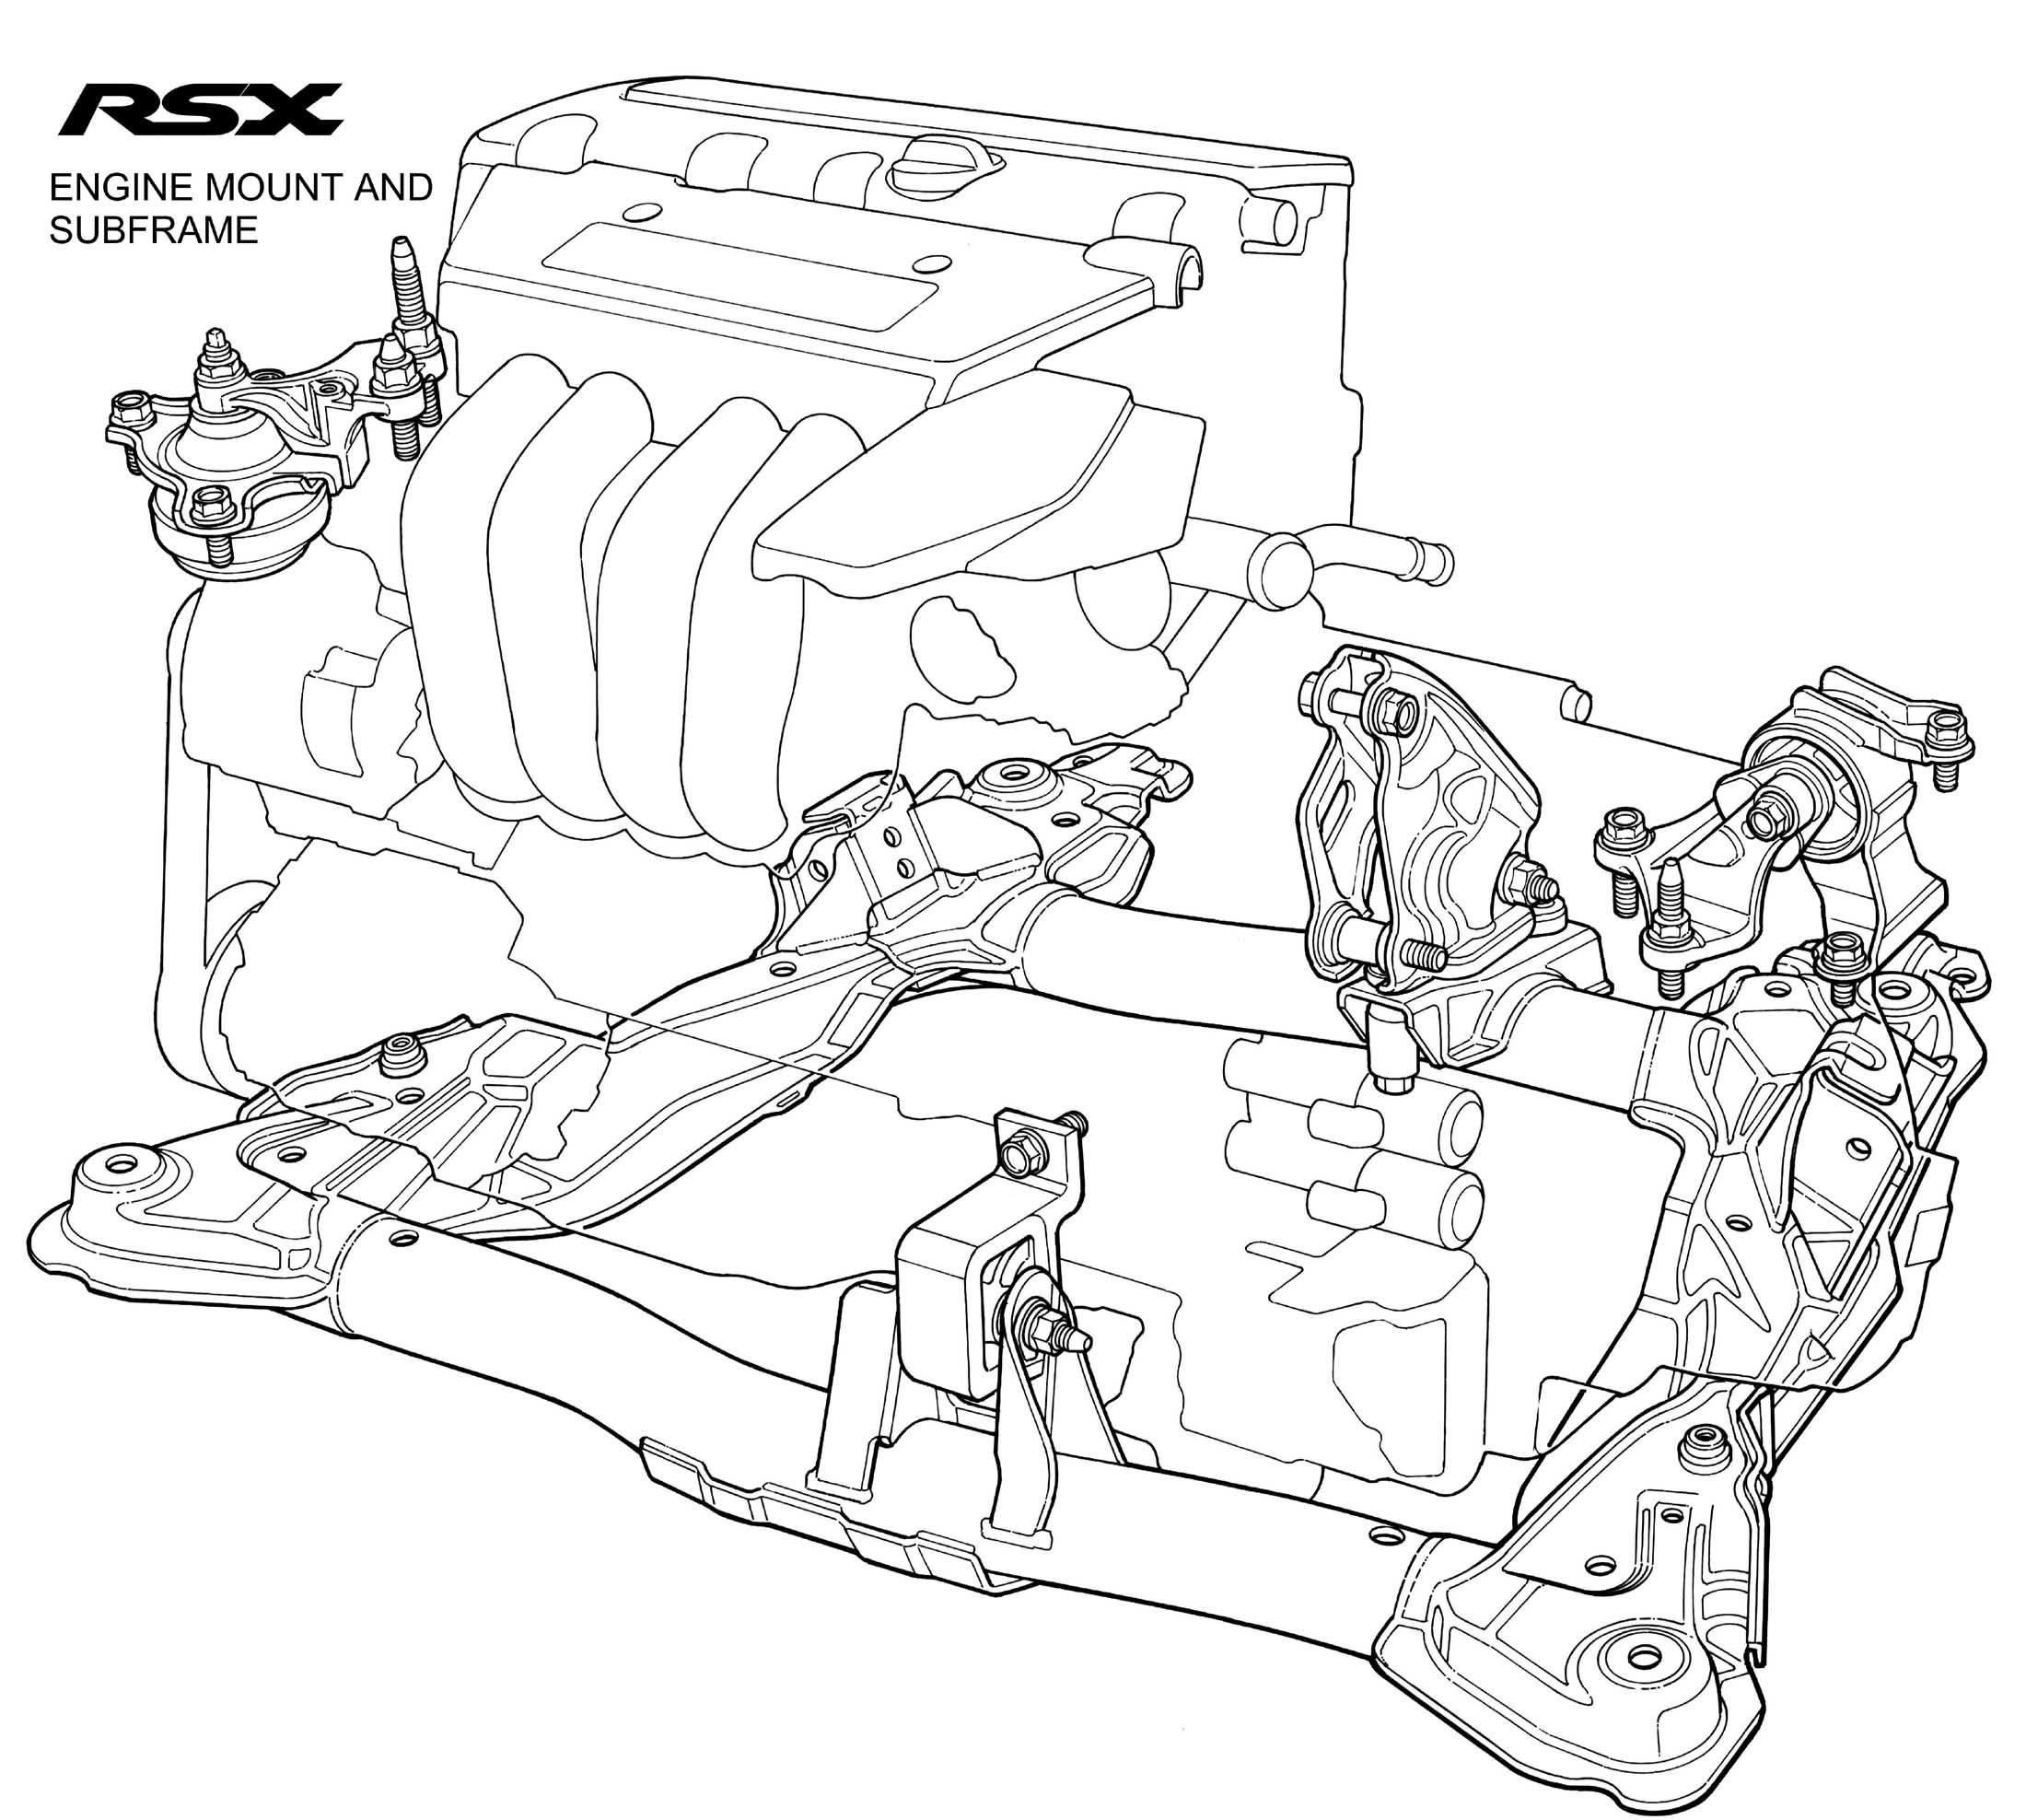 Acura Rsx Engine Cutaway